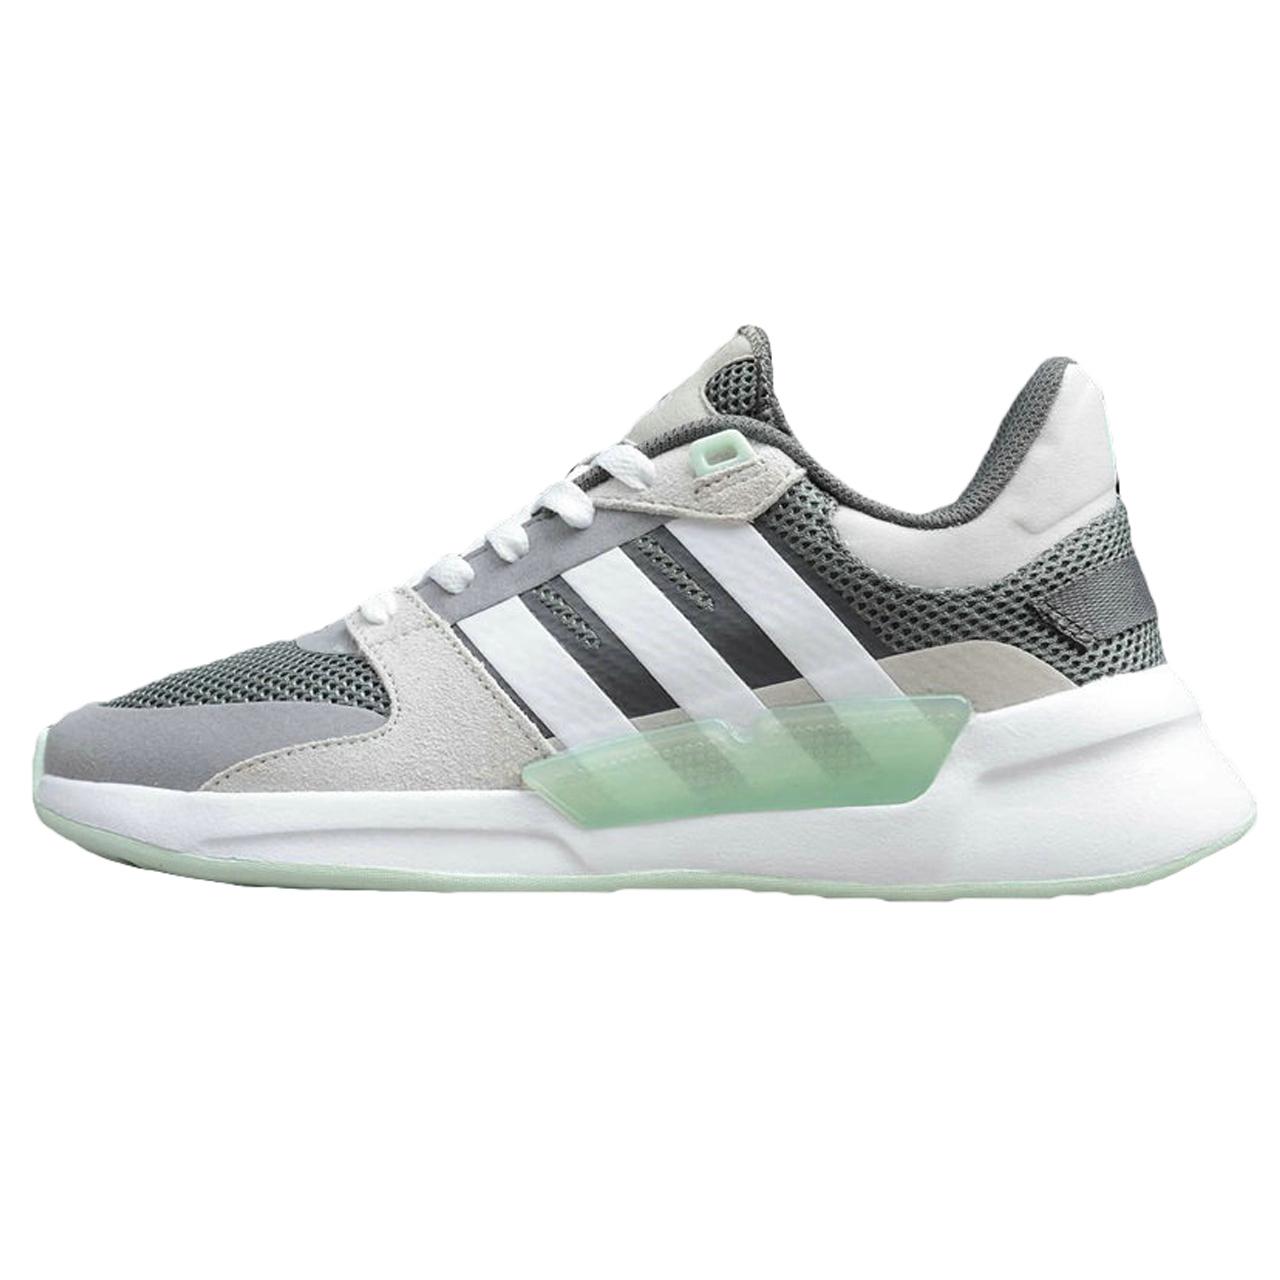 کفش مخصوص دویدن مردانه آدیداس مدل RUN 90             , خرید اینترنتی